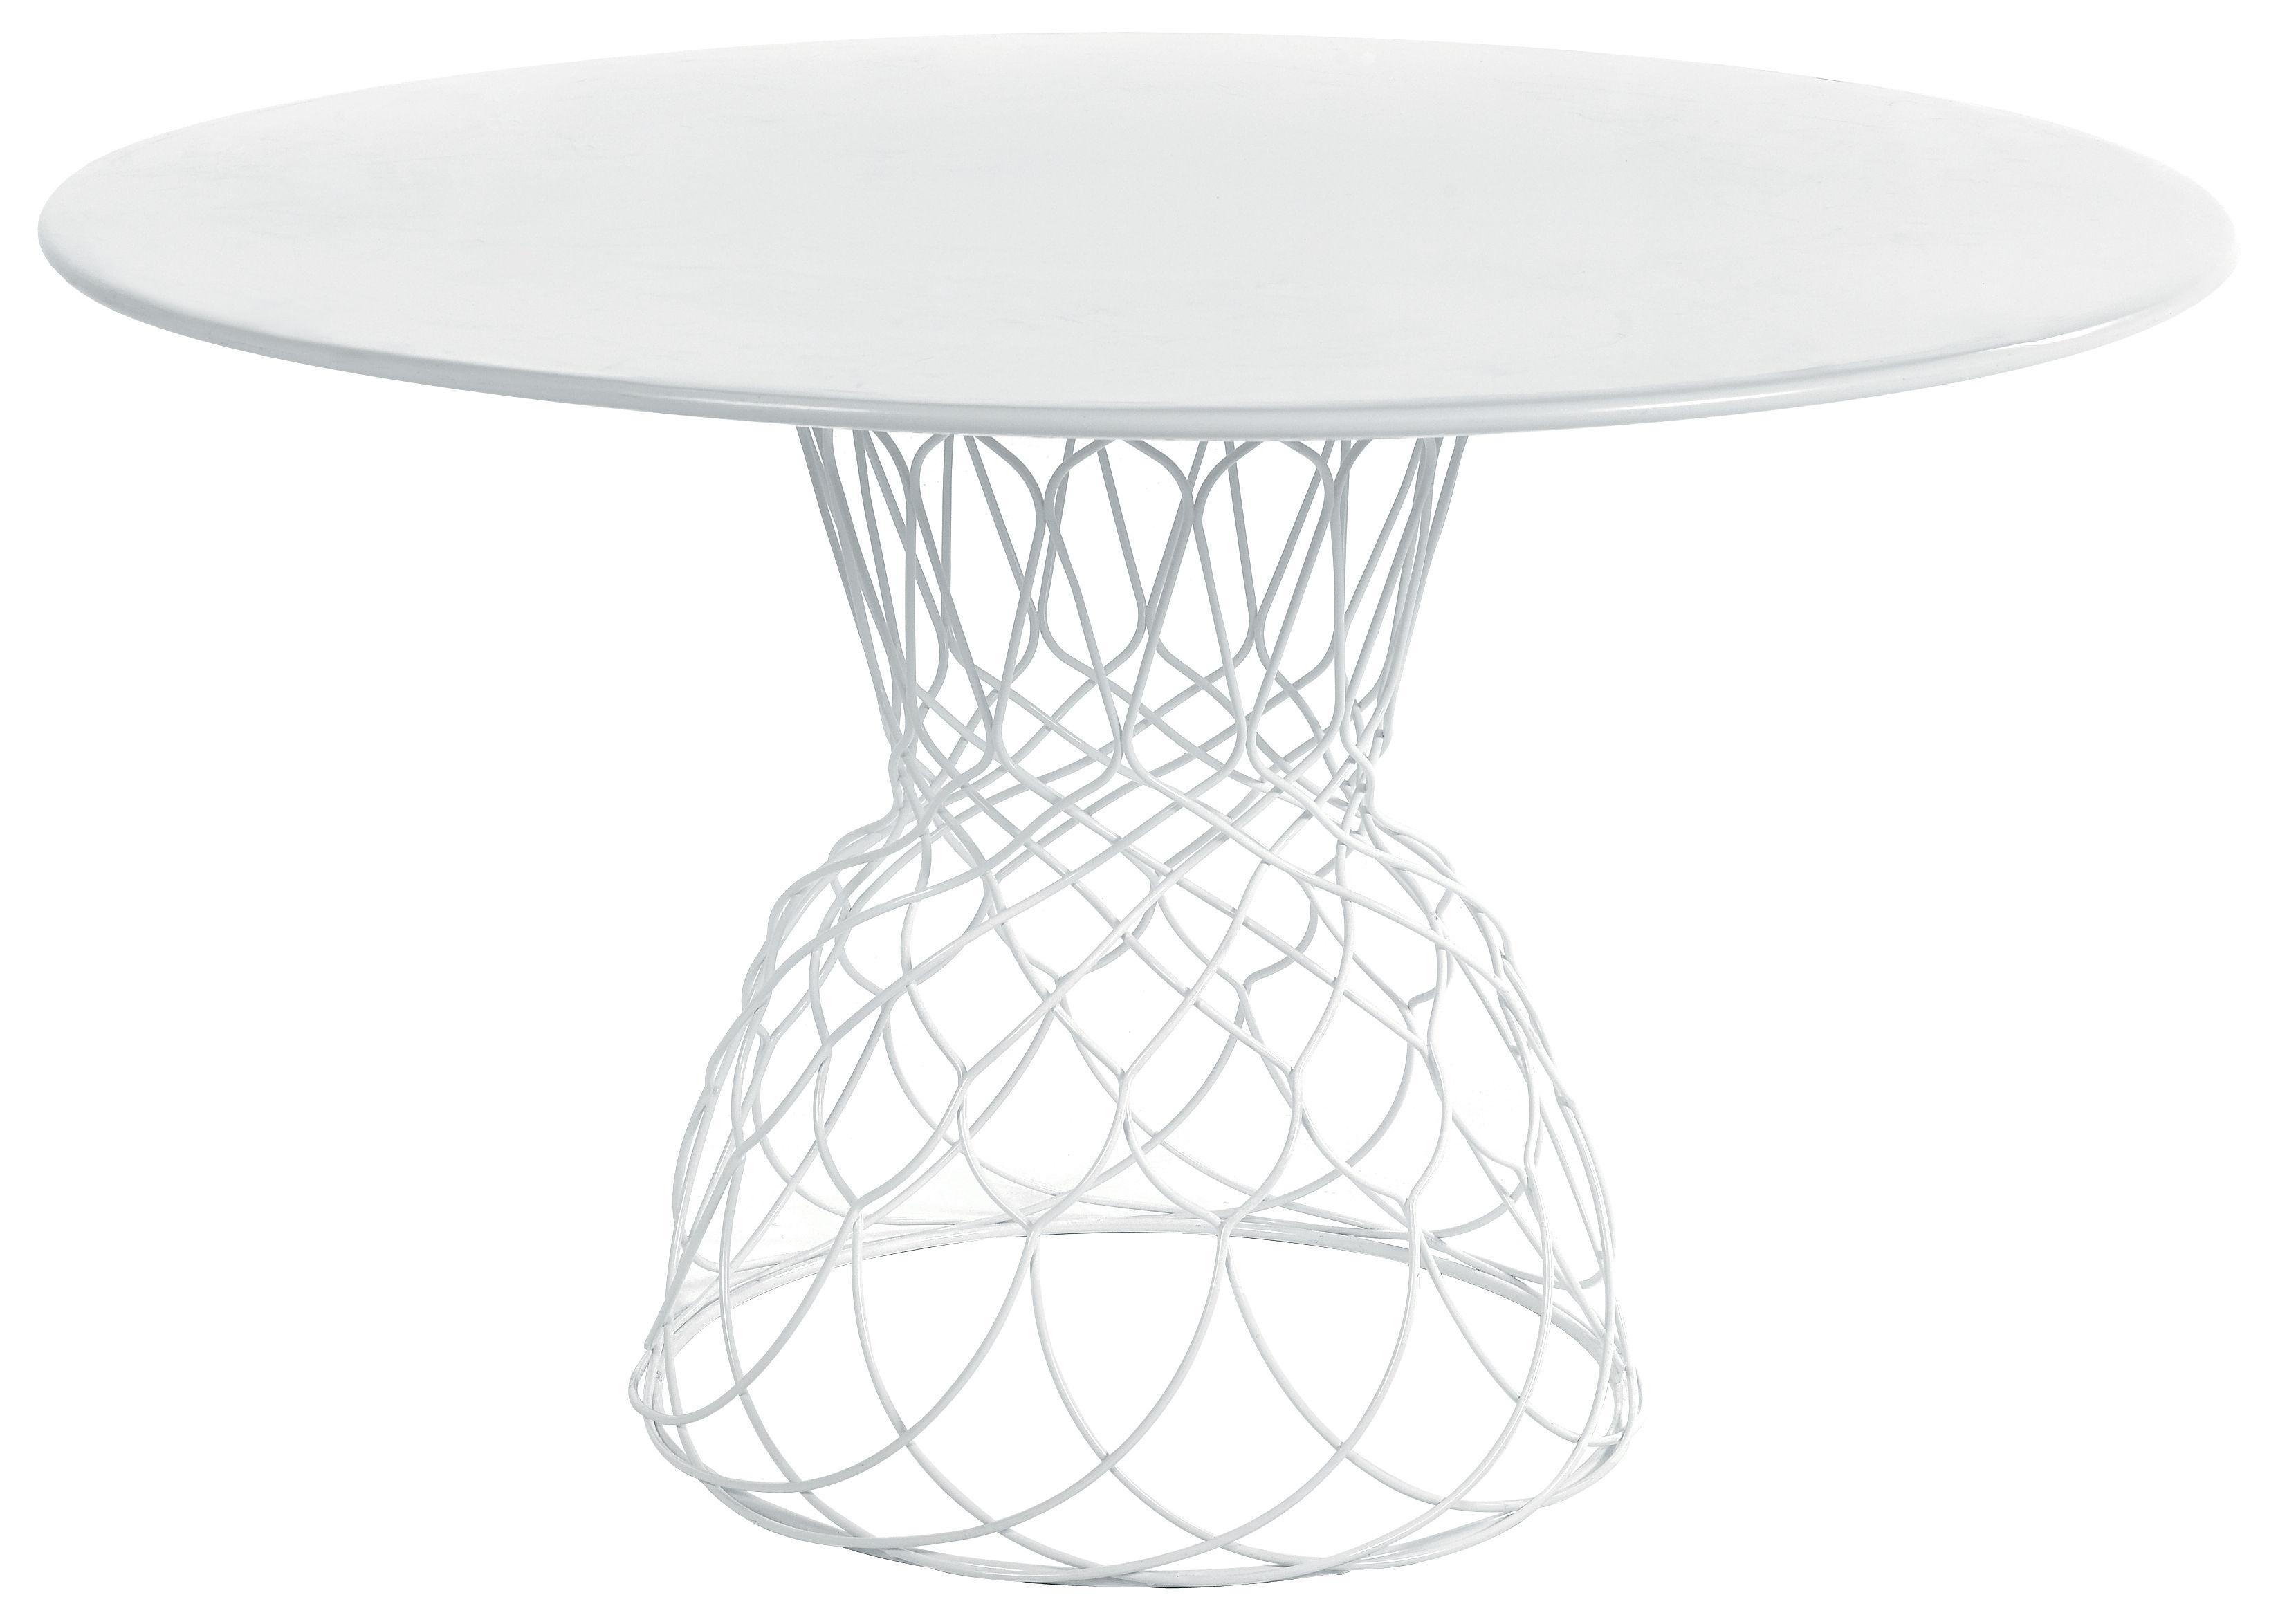 Outdoor - Tables de jardin - Table ronde Re-trouvé / Ø 130 cm - Emu - Blanc - Acier